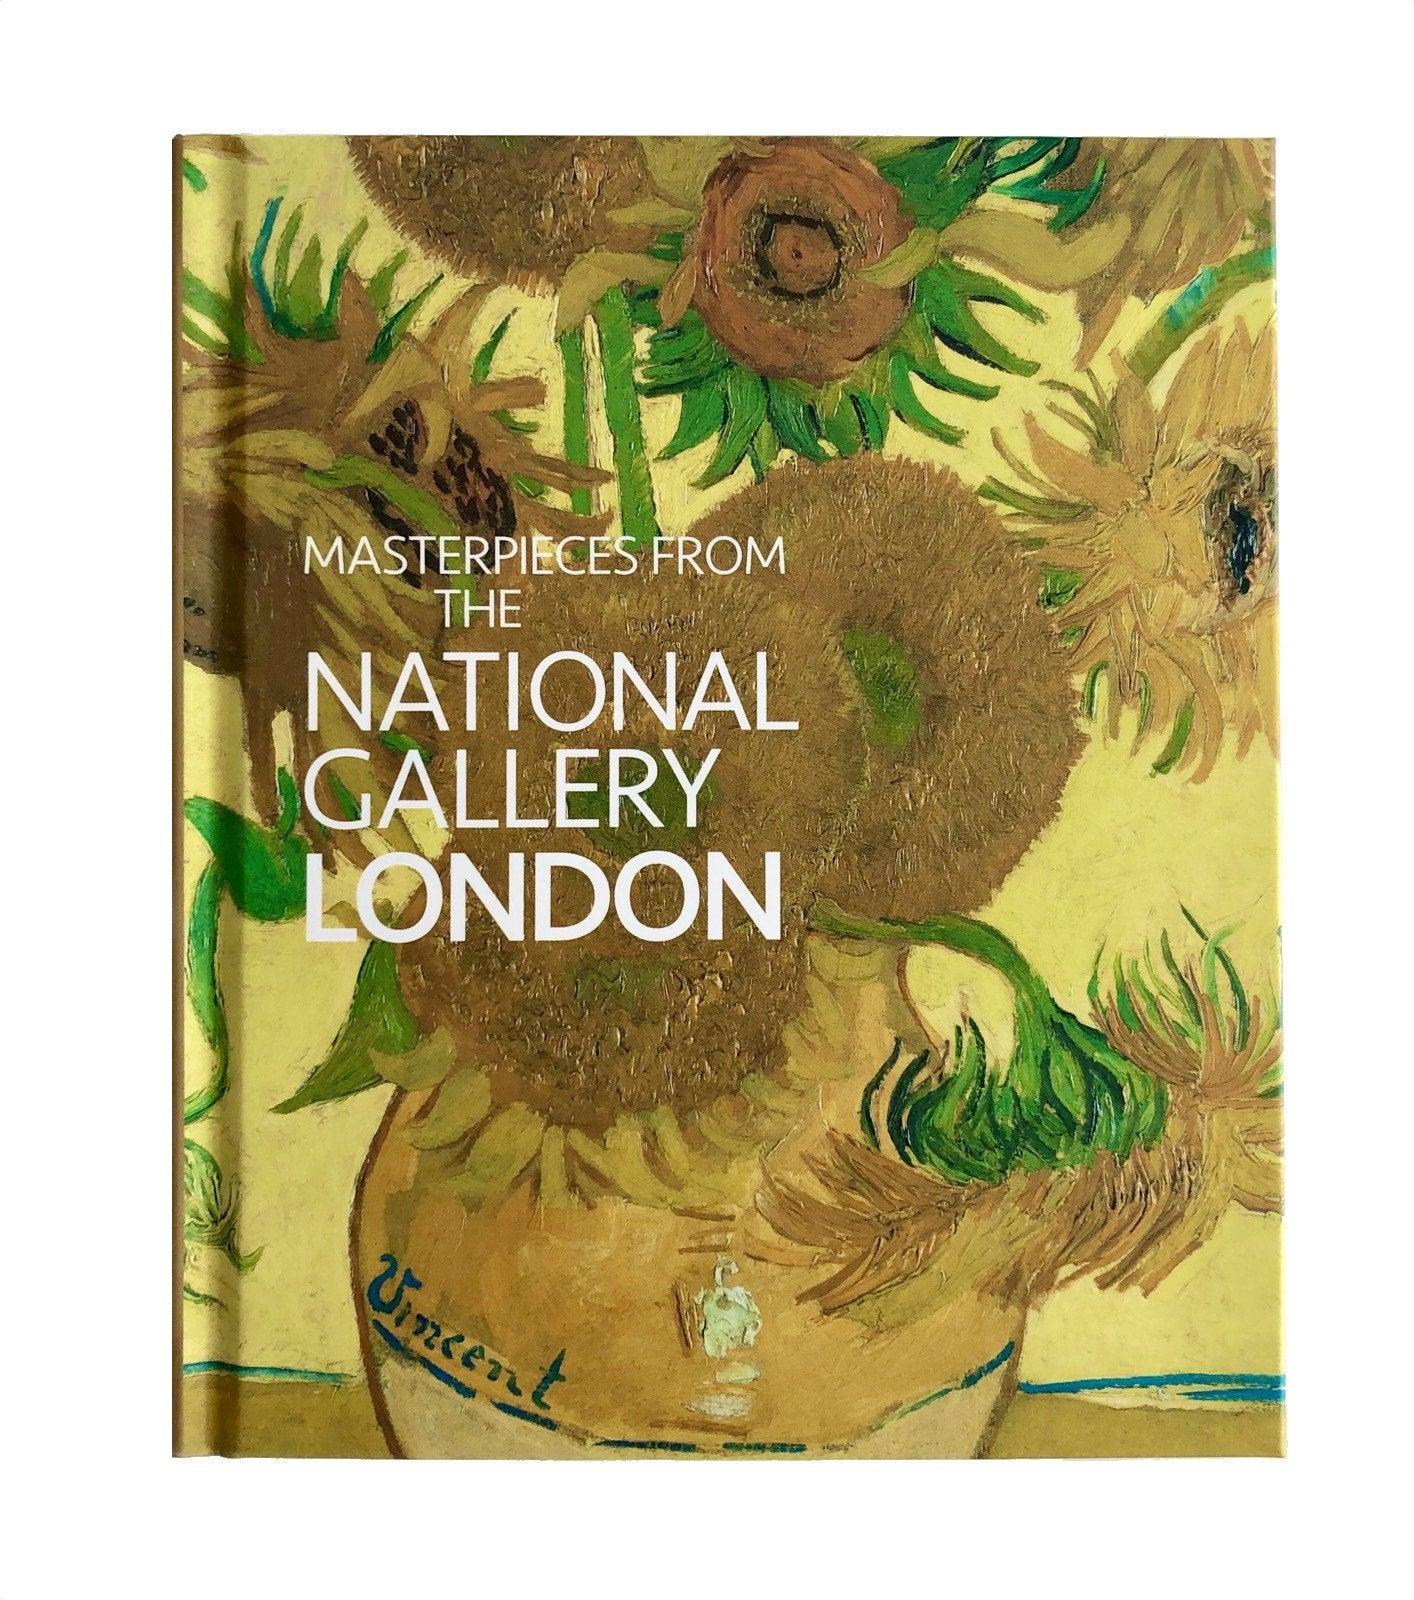 公式 ギャラリー 展 ロンドン ナショナル ロンドン・ナショナル・ギャラリー展の現状は?【2020年8月現在】